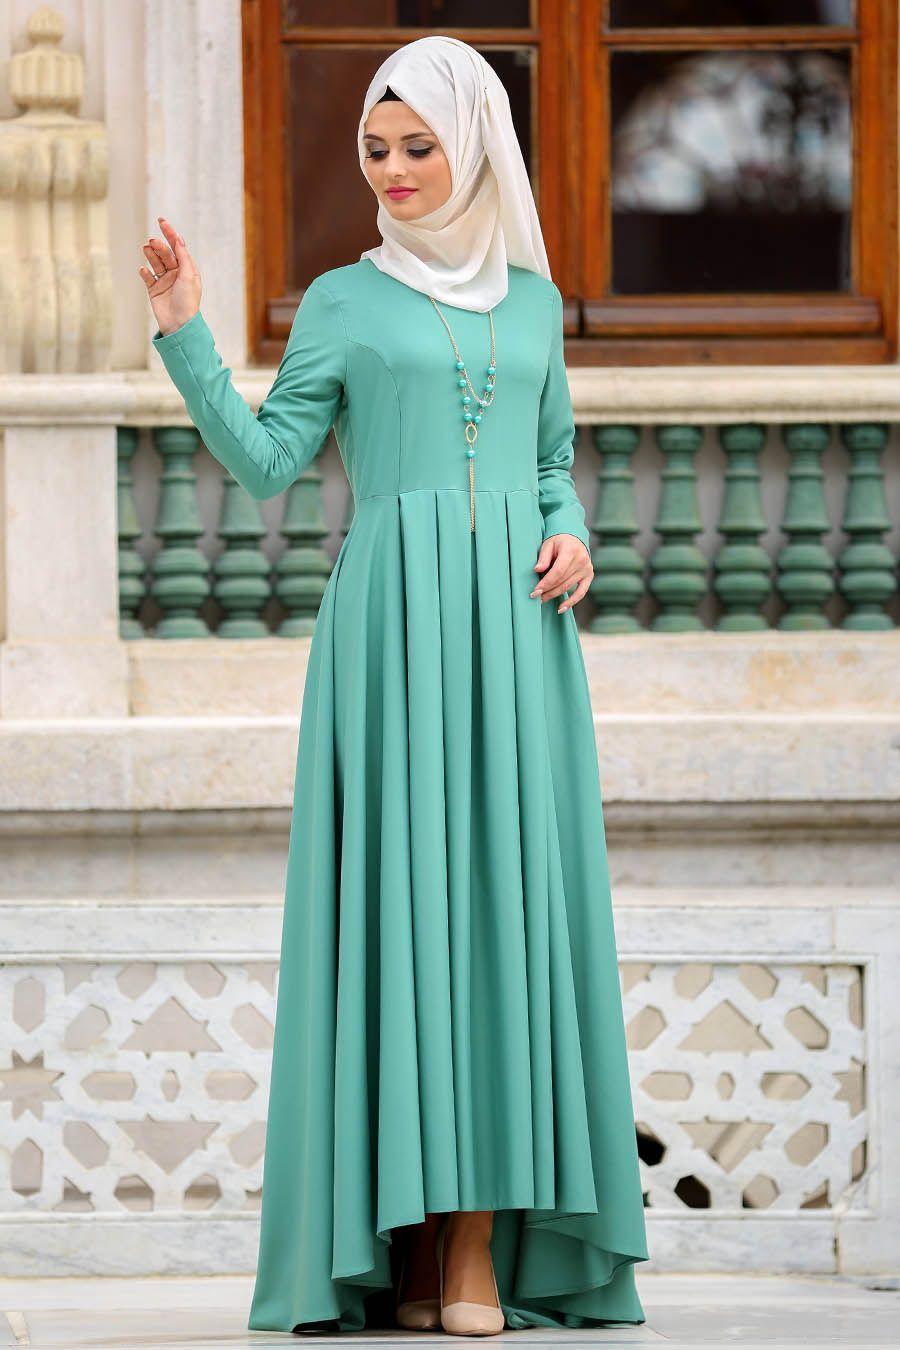 2018 Yeni Sezon Abiye Koleksiyonu Neva Style Kolyeli Peplum Cagla Yesili Tesettur Elbise 41950cy Elbise Musluman Elbisesi Peplum